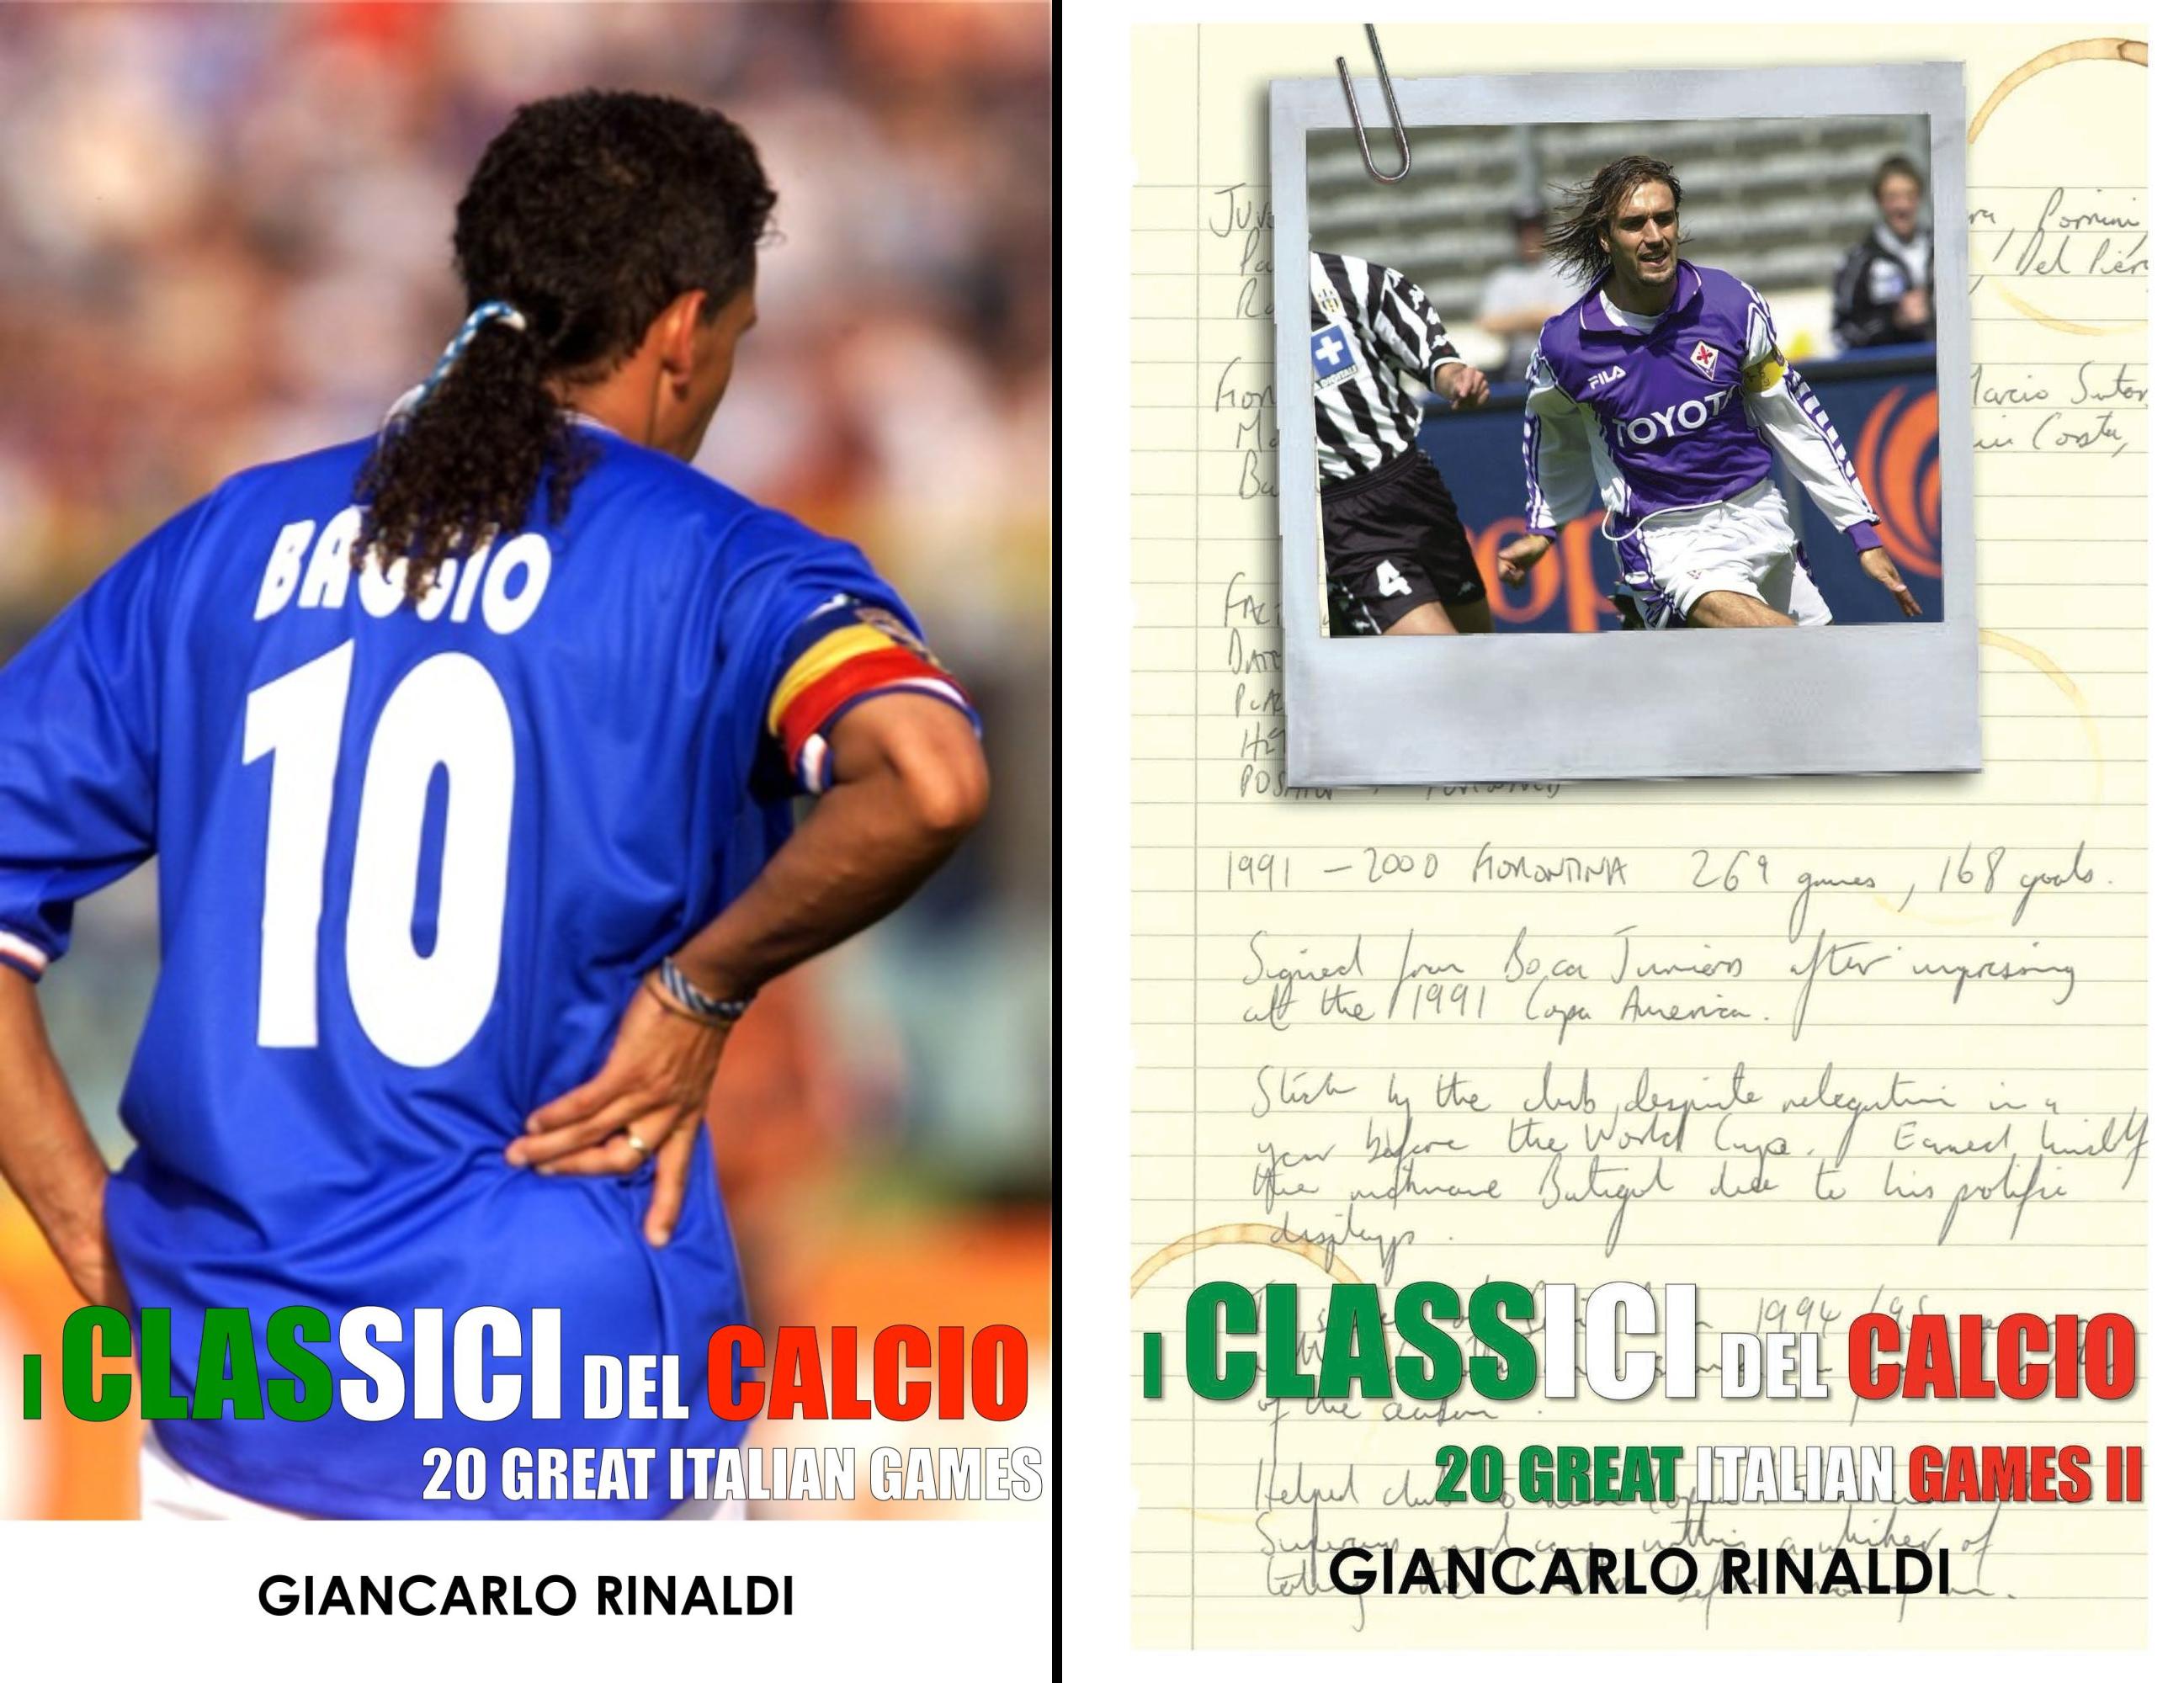 I Classici Del Calcio - 20 Great Italian Games (2 Book Series)